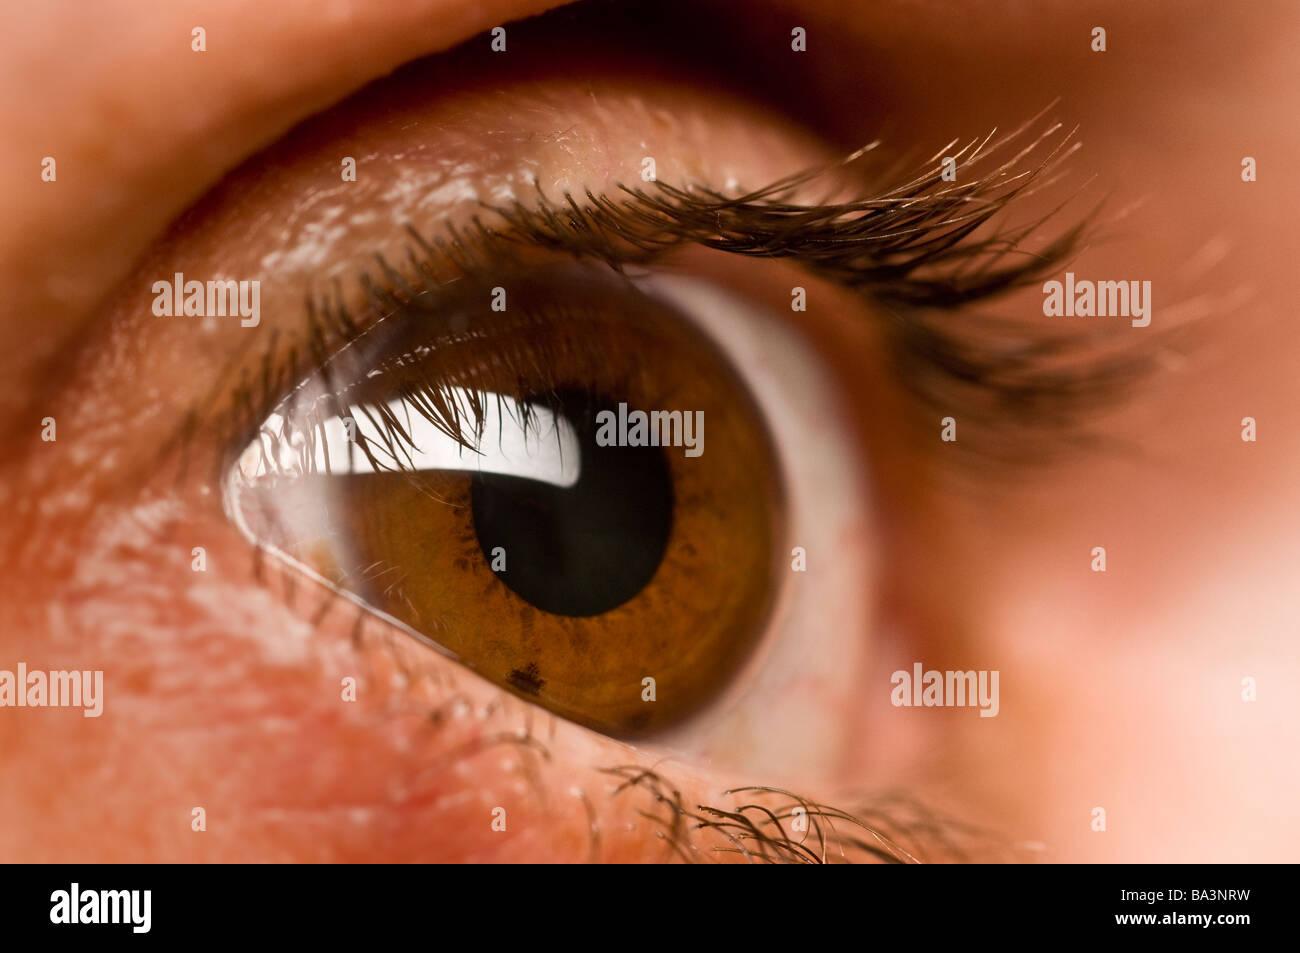 eye eyelashes - Stock Image